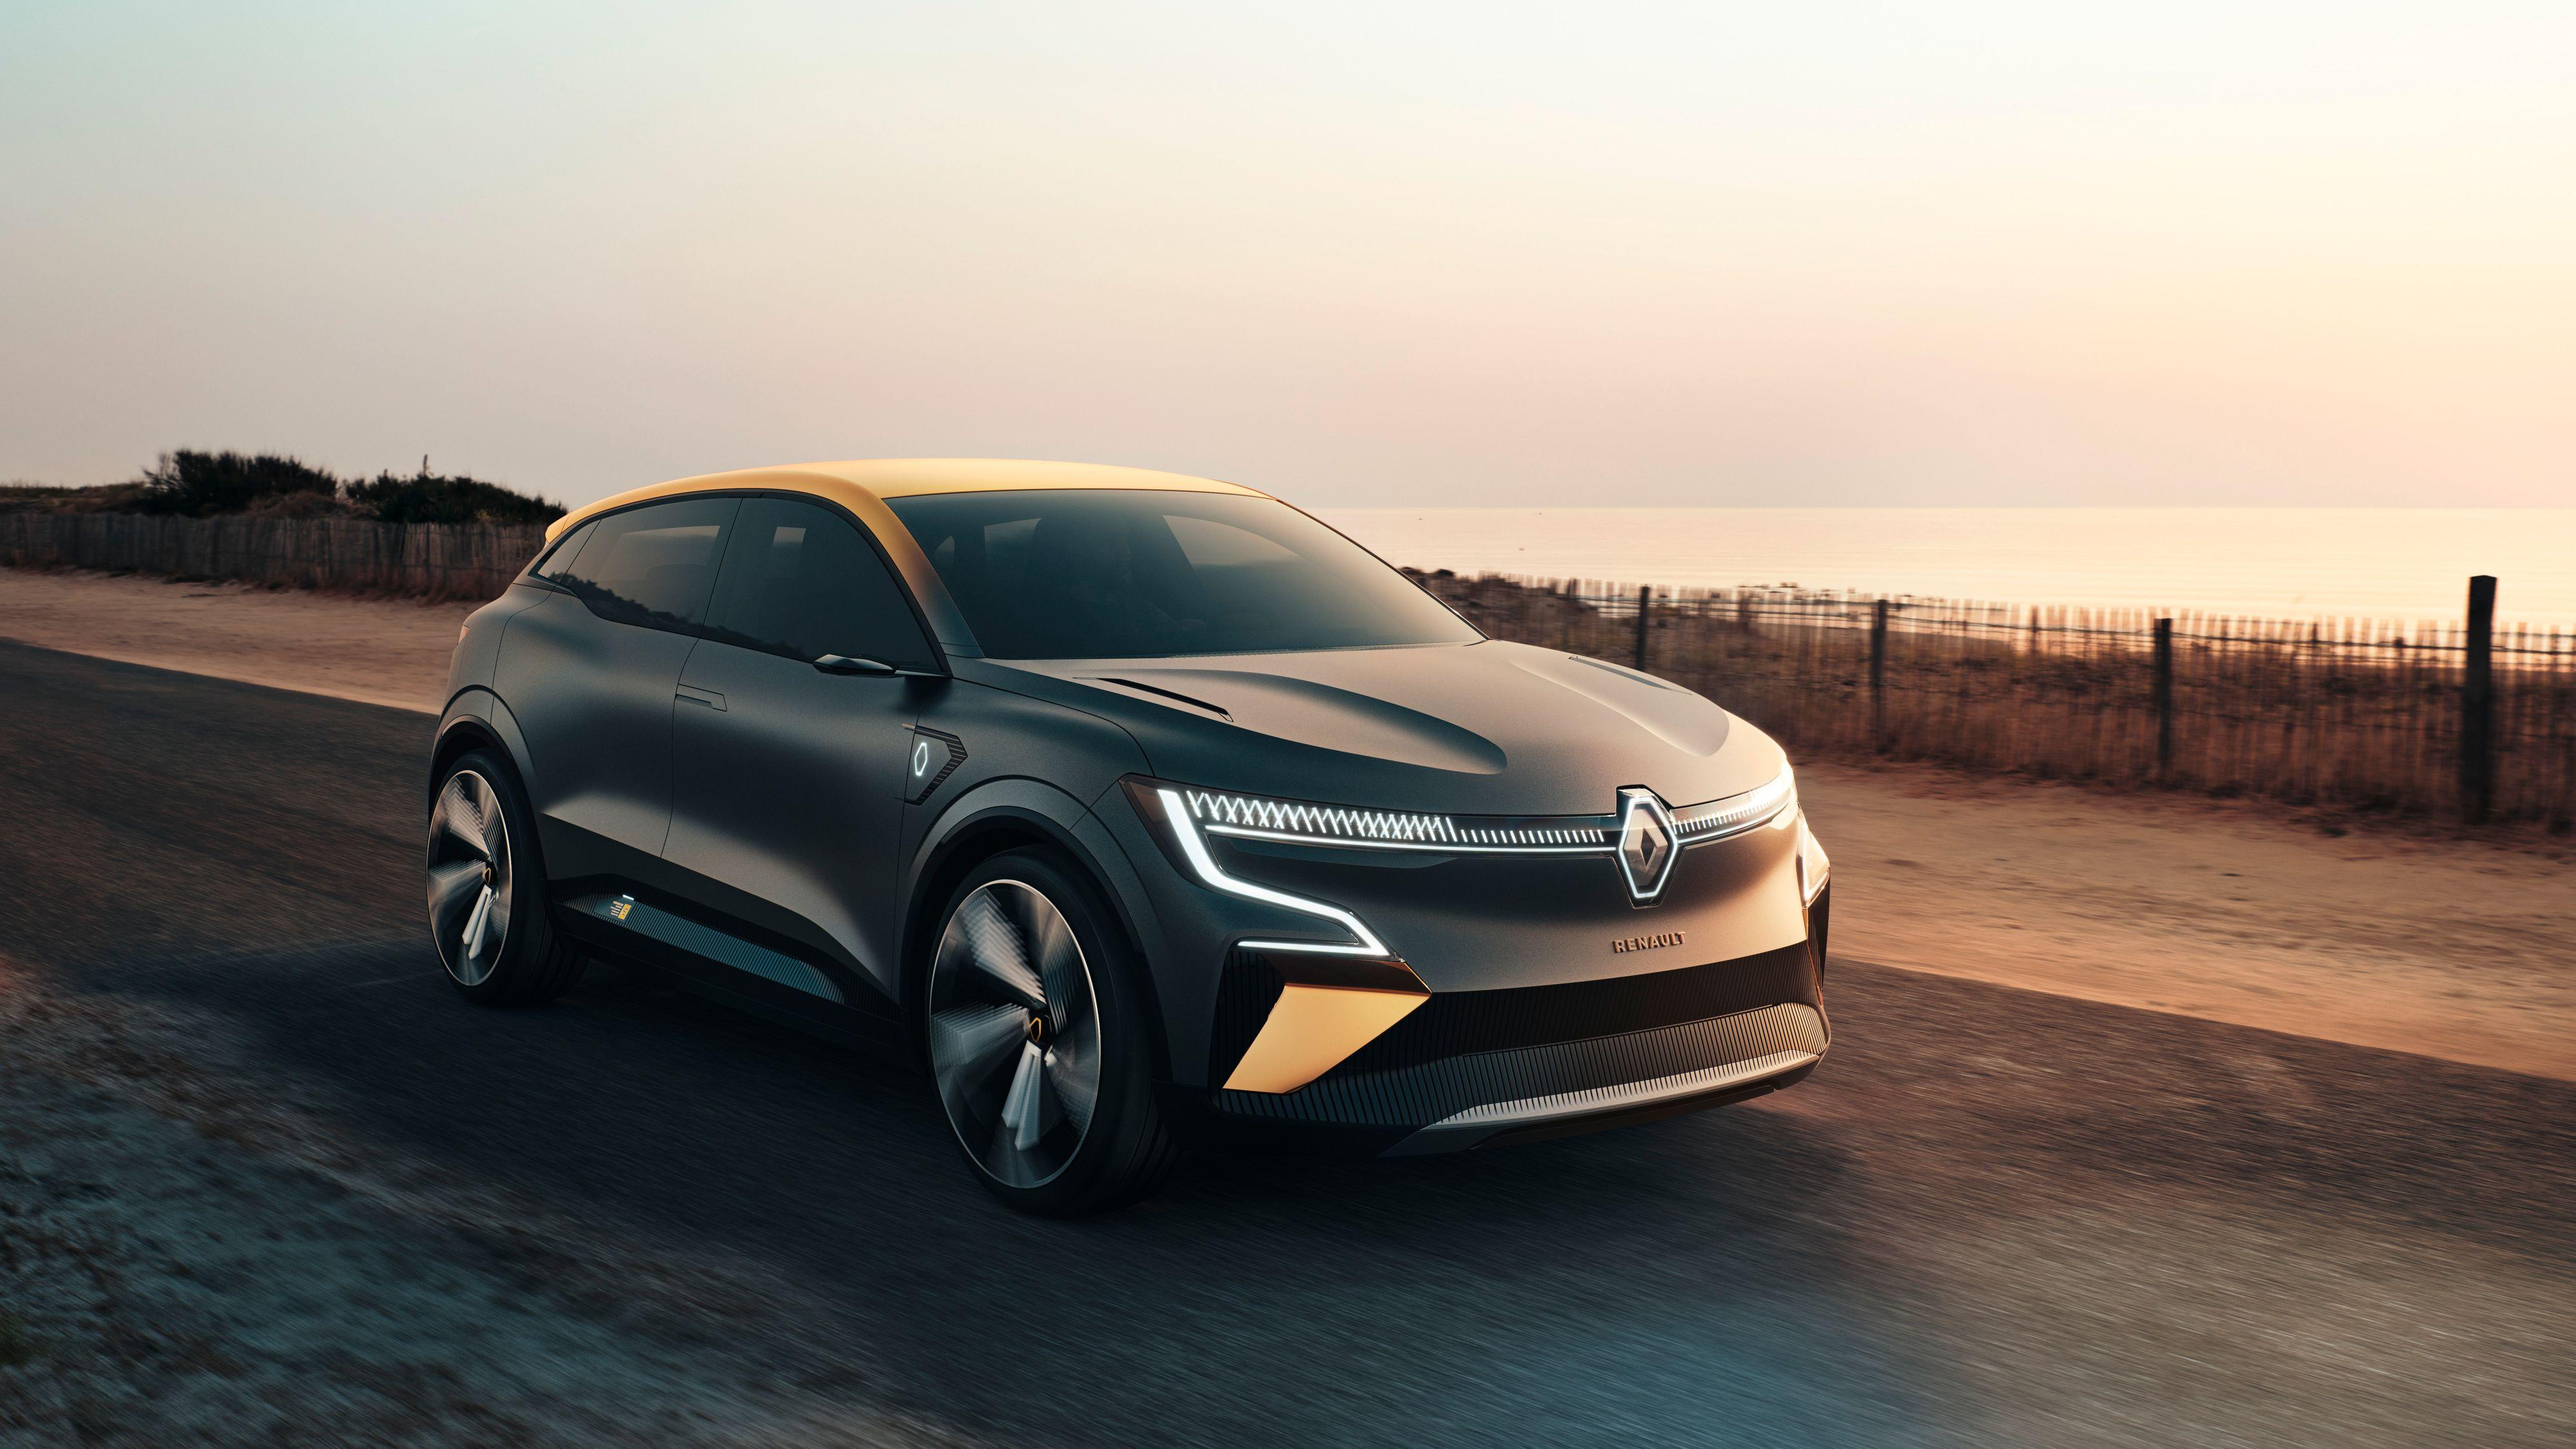 Renaults elektriske Mégane-konsept tar opp kampen direkte med Volkswagens ID.3, blant annet.